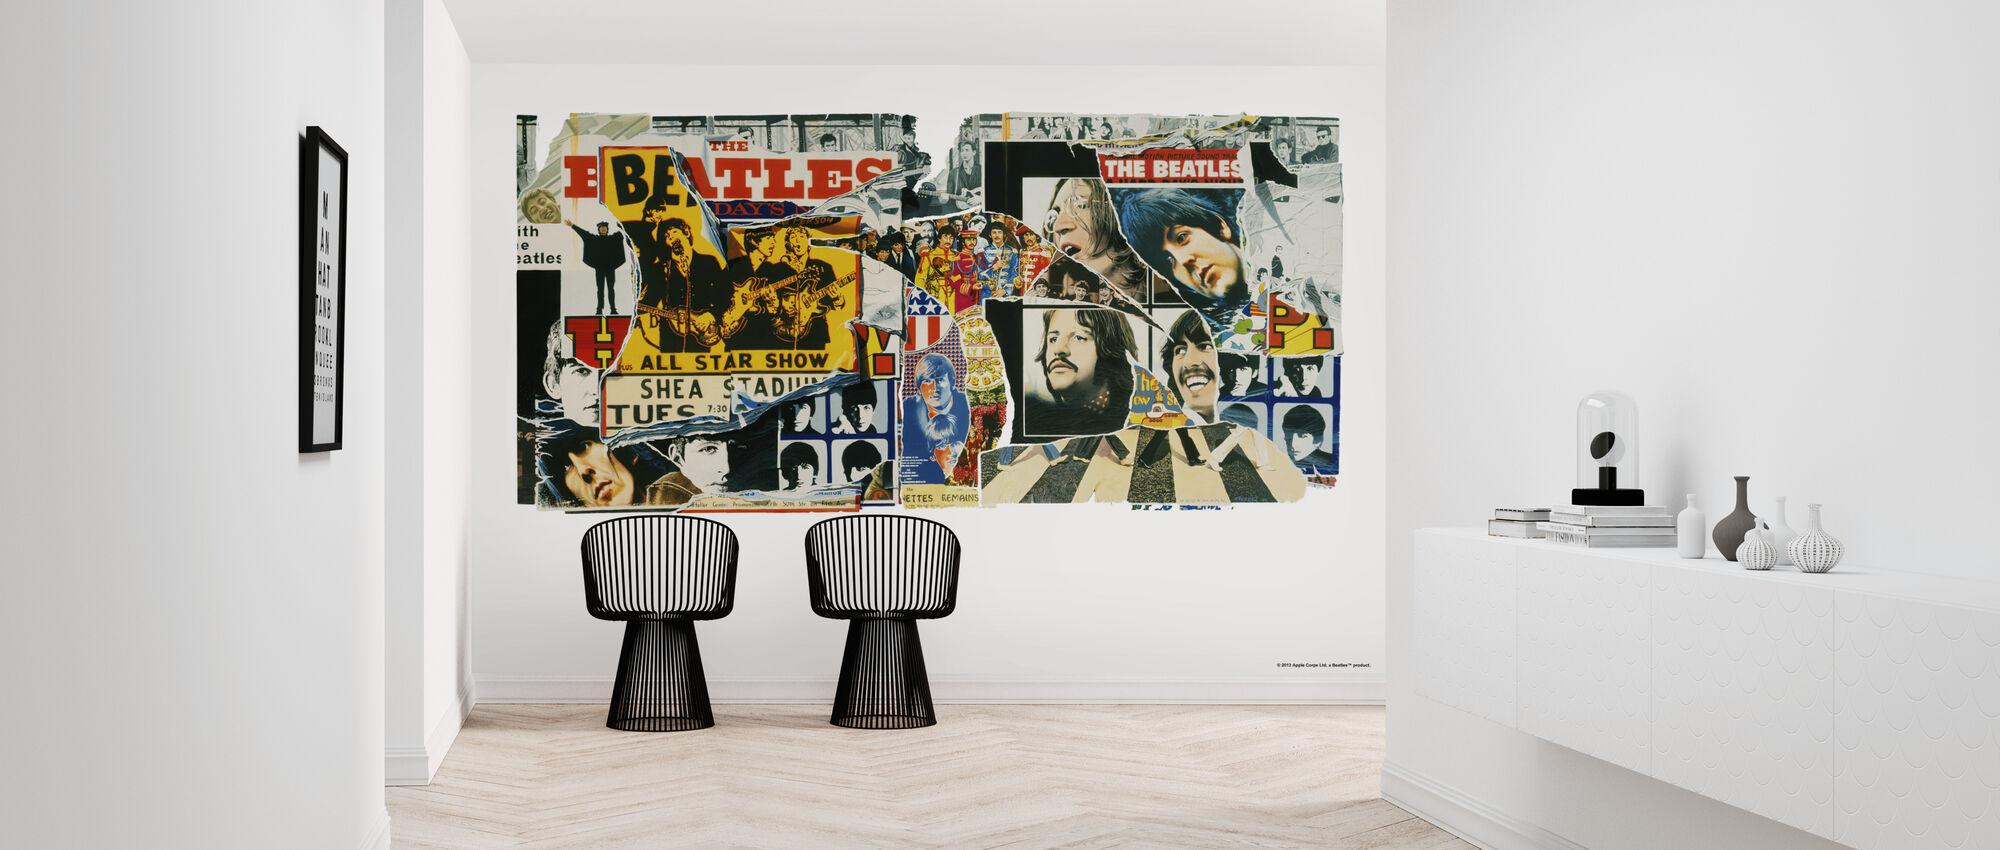 Beatles - Vintage Posters - Wallpaper - Hallway